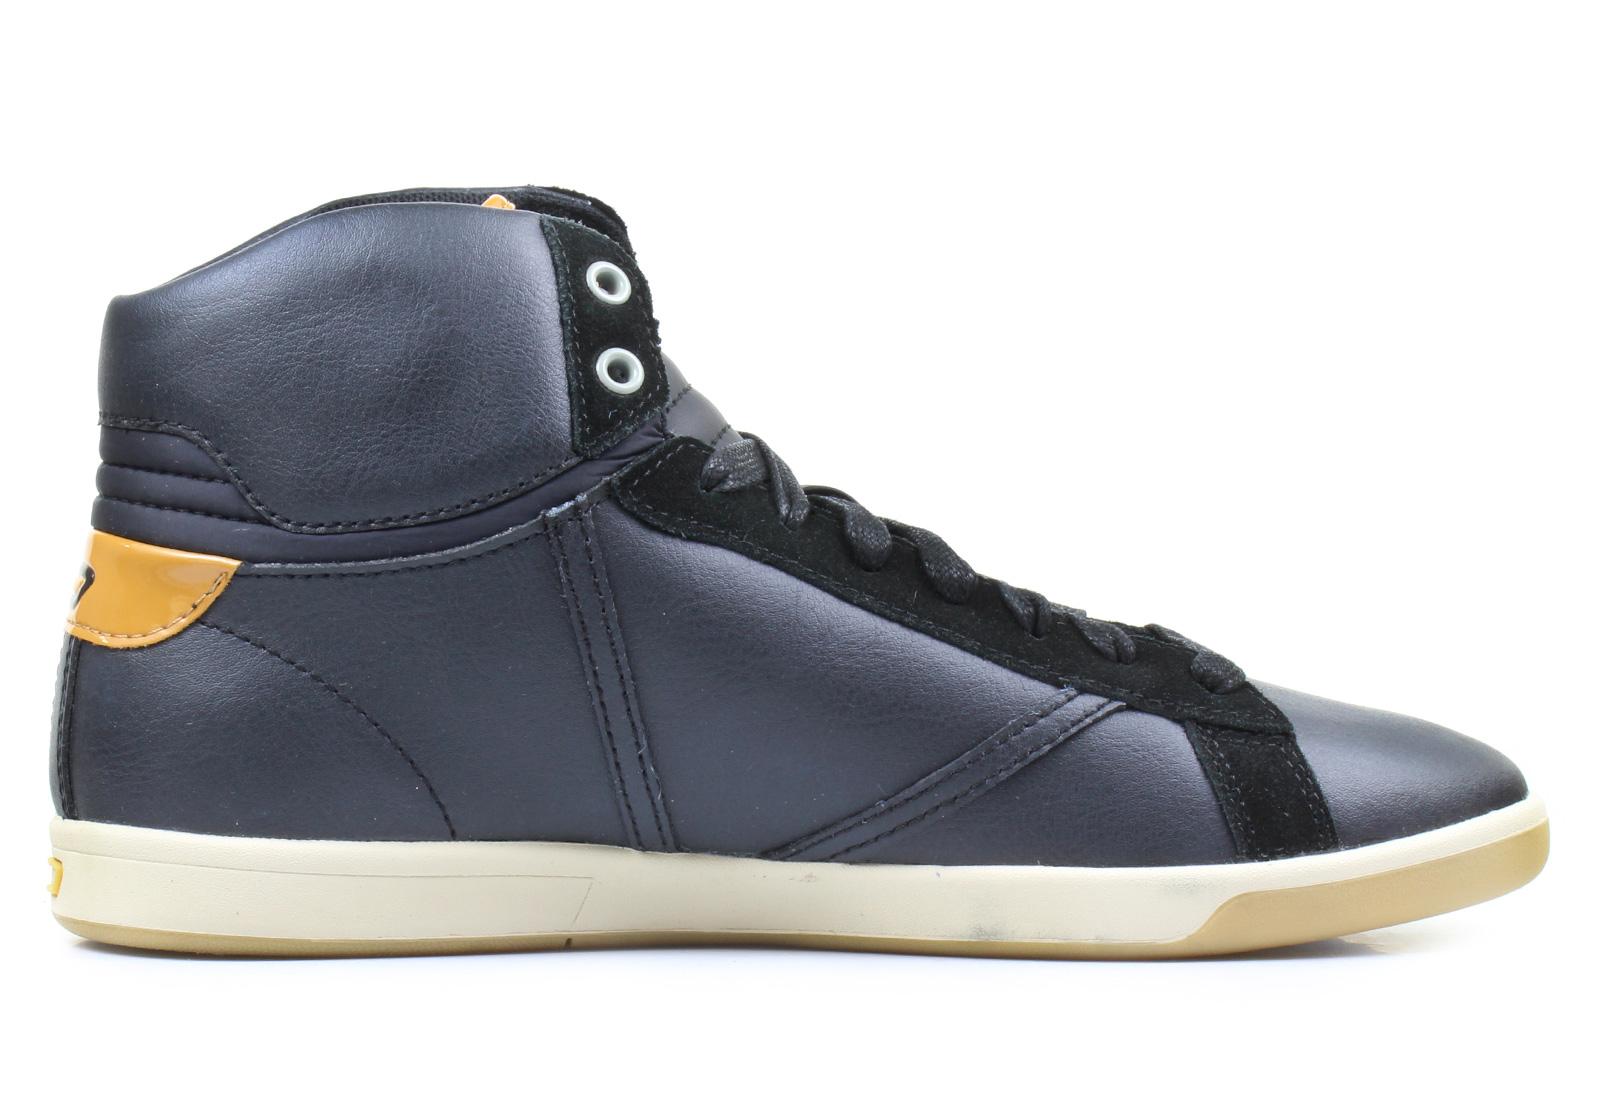 Diesel Shoes - Grantor - 033-460-8013 - Online shop for ...